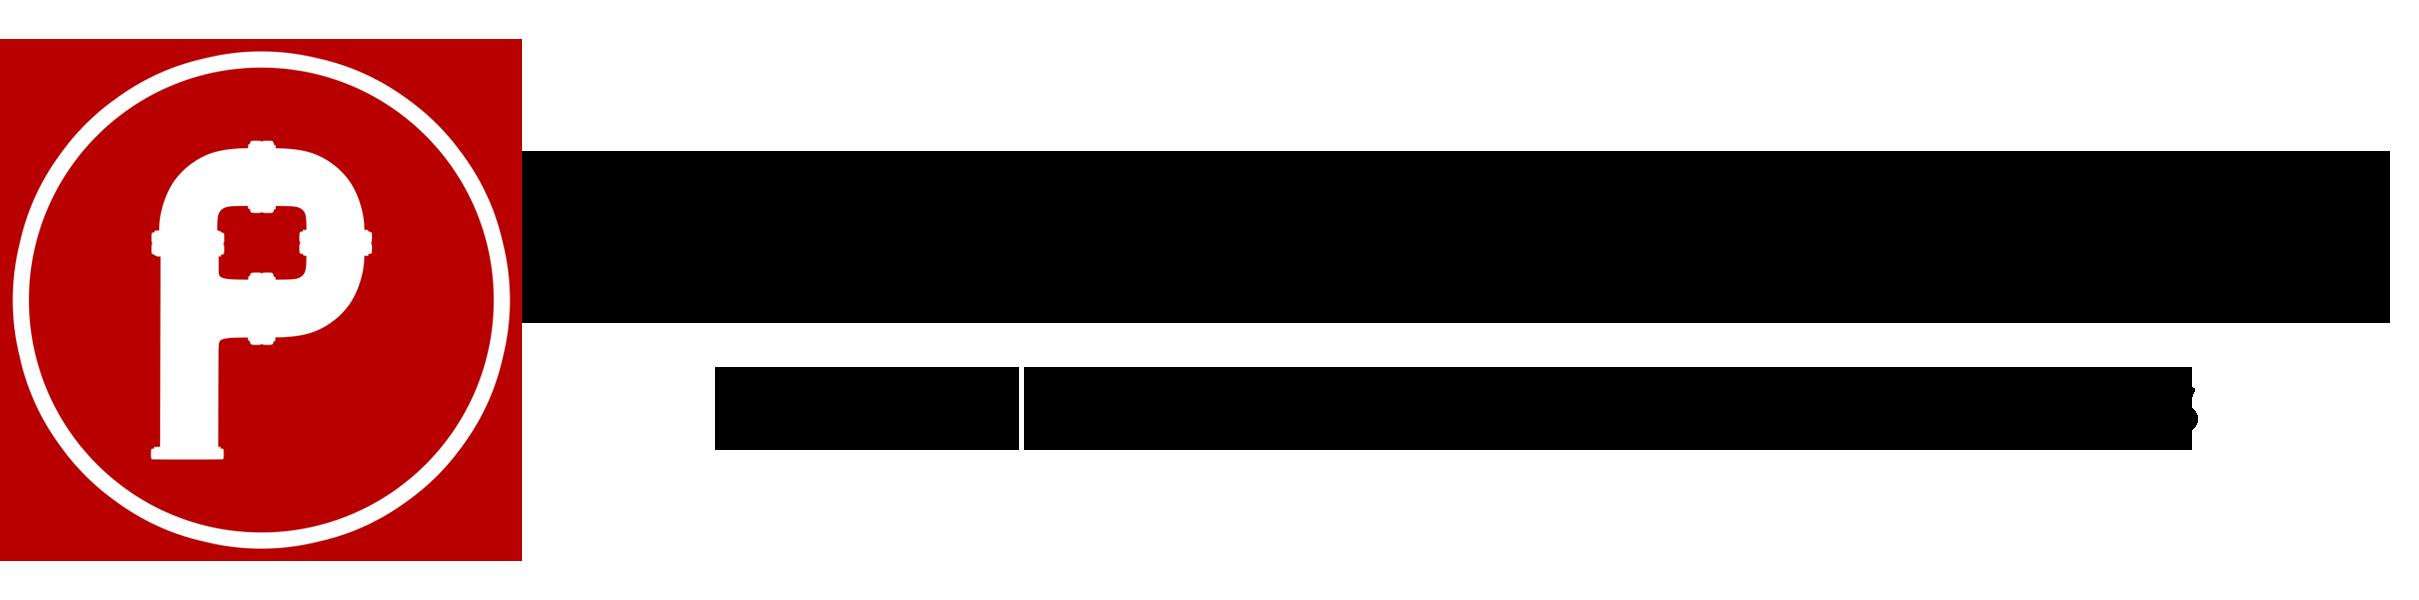 Phoenix Arizona Plumbing Company Logo